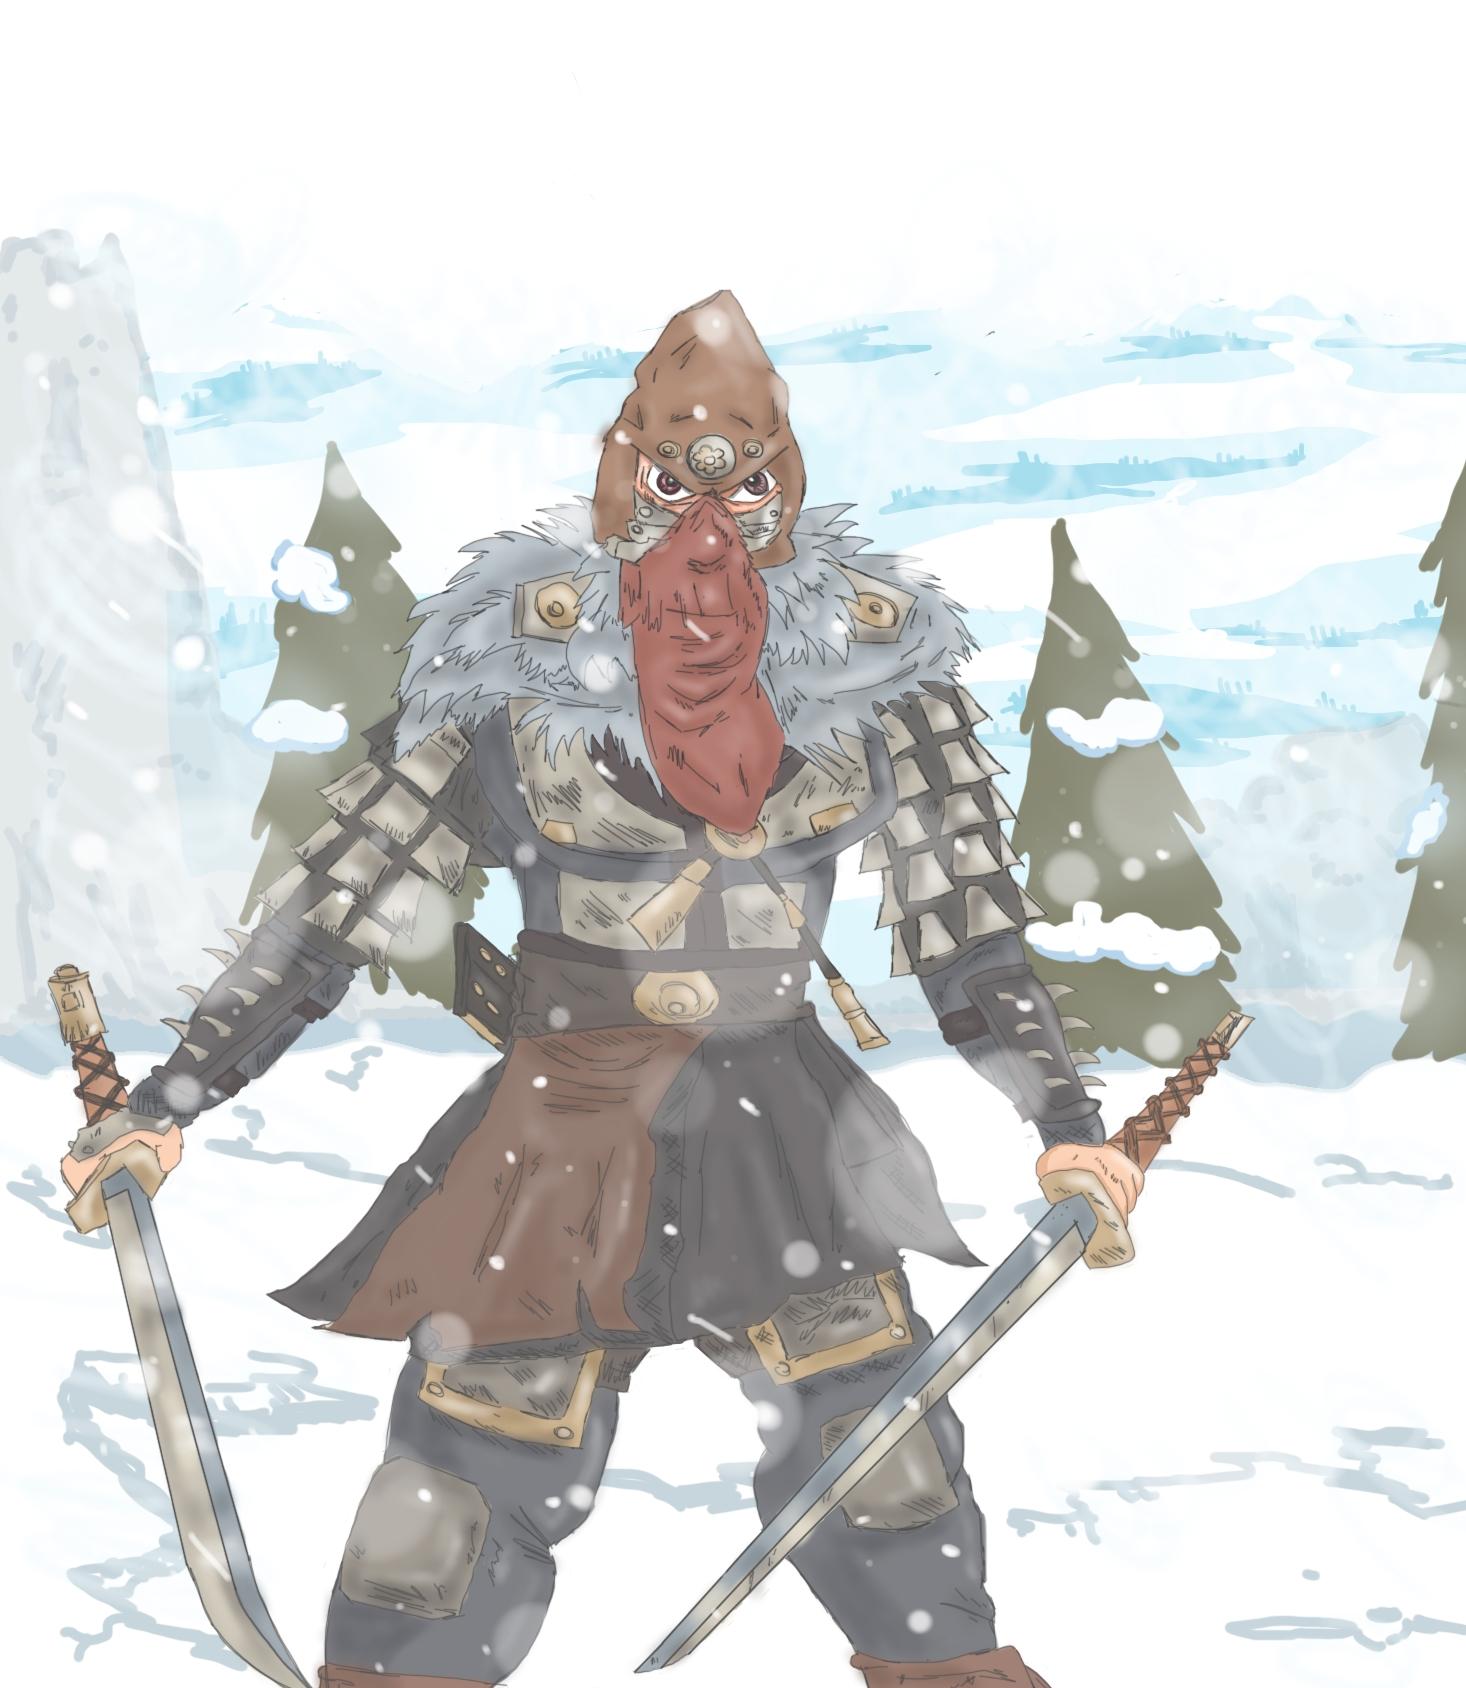 Solo Blizzard